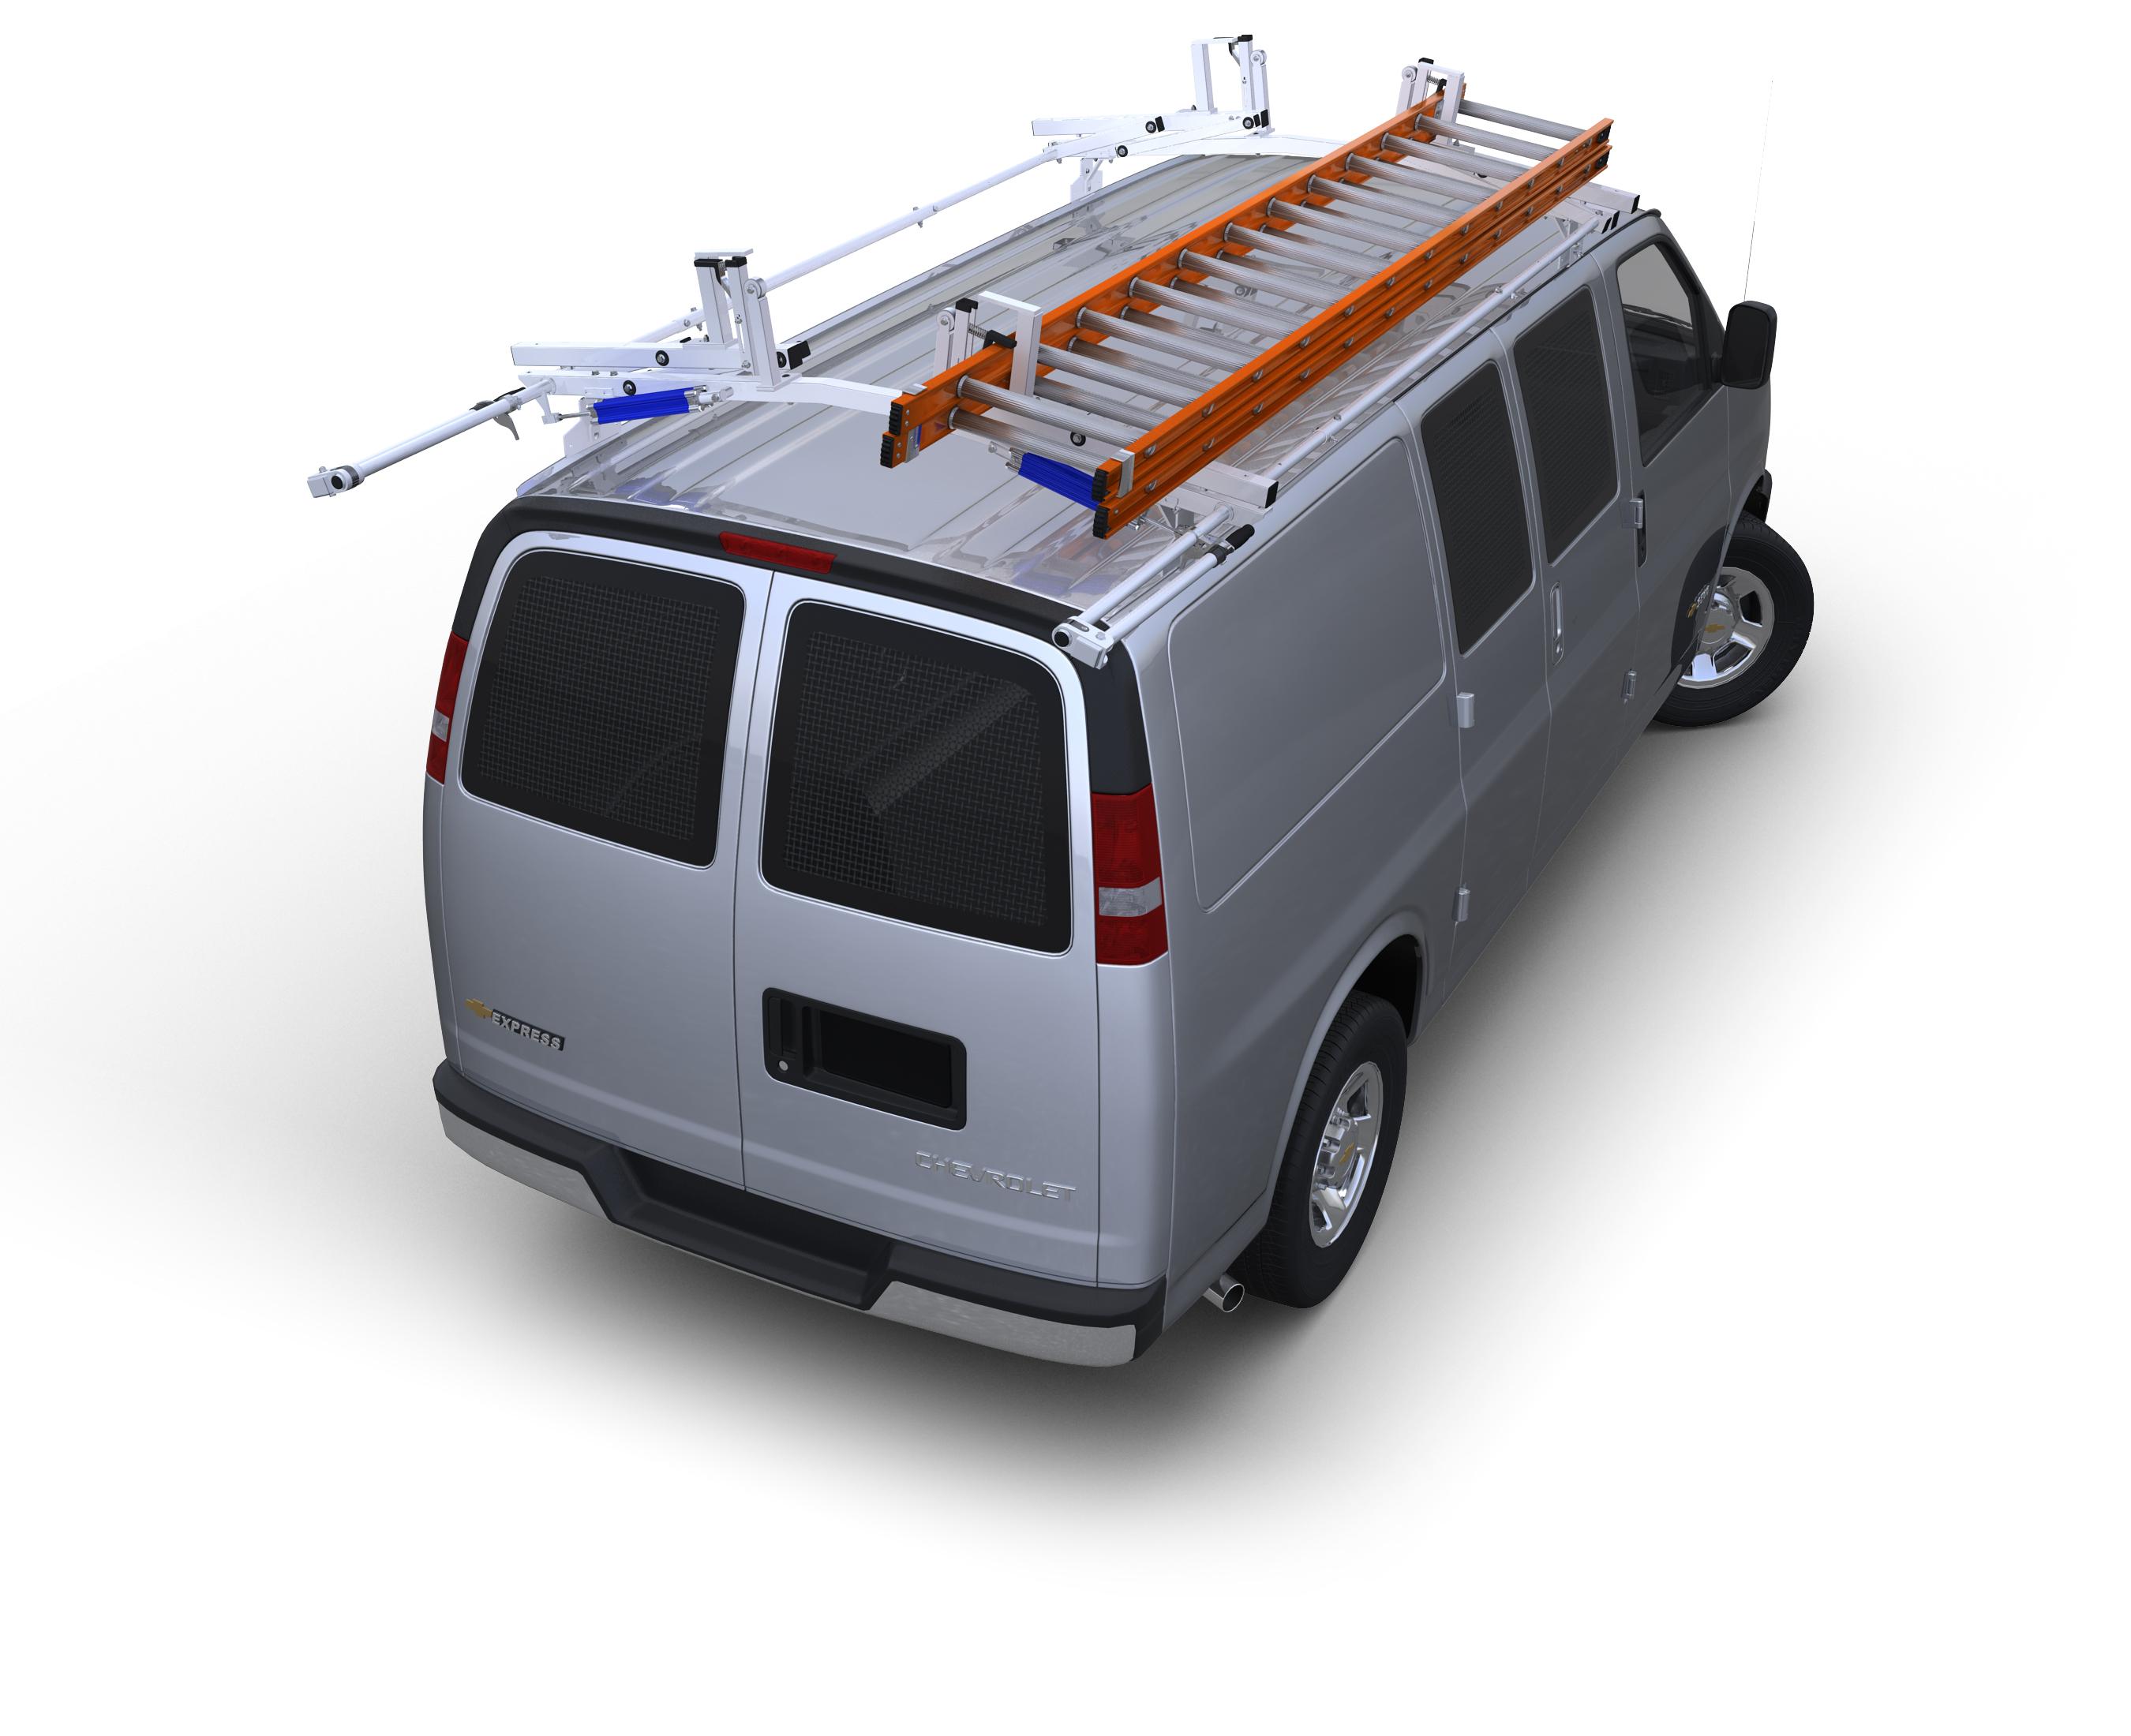 """MB Sprinter 144""""WB Std. Roof Plumbing Van Package, Steel Shelving - SAVE $150!"""